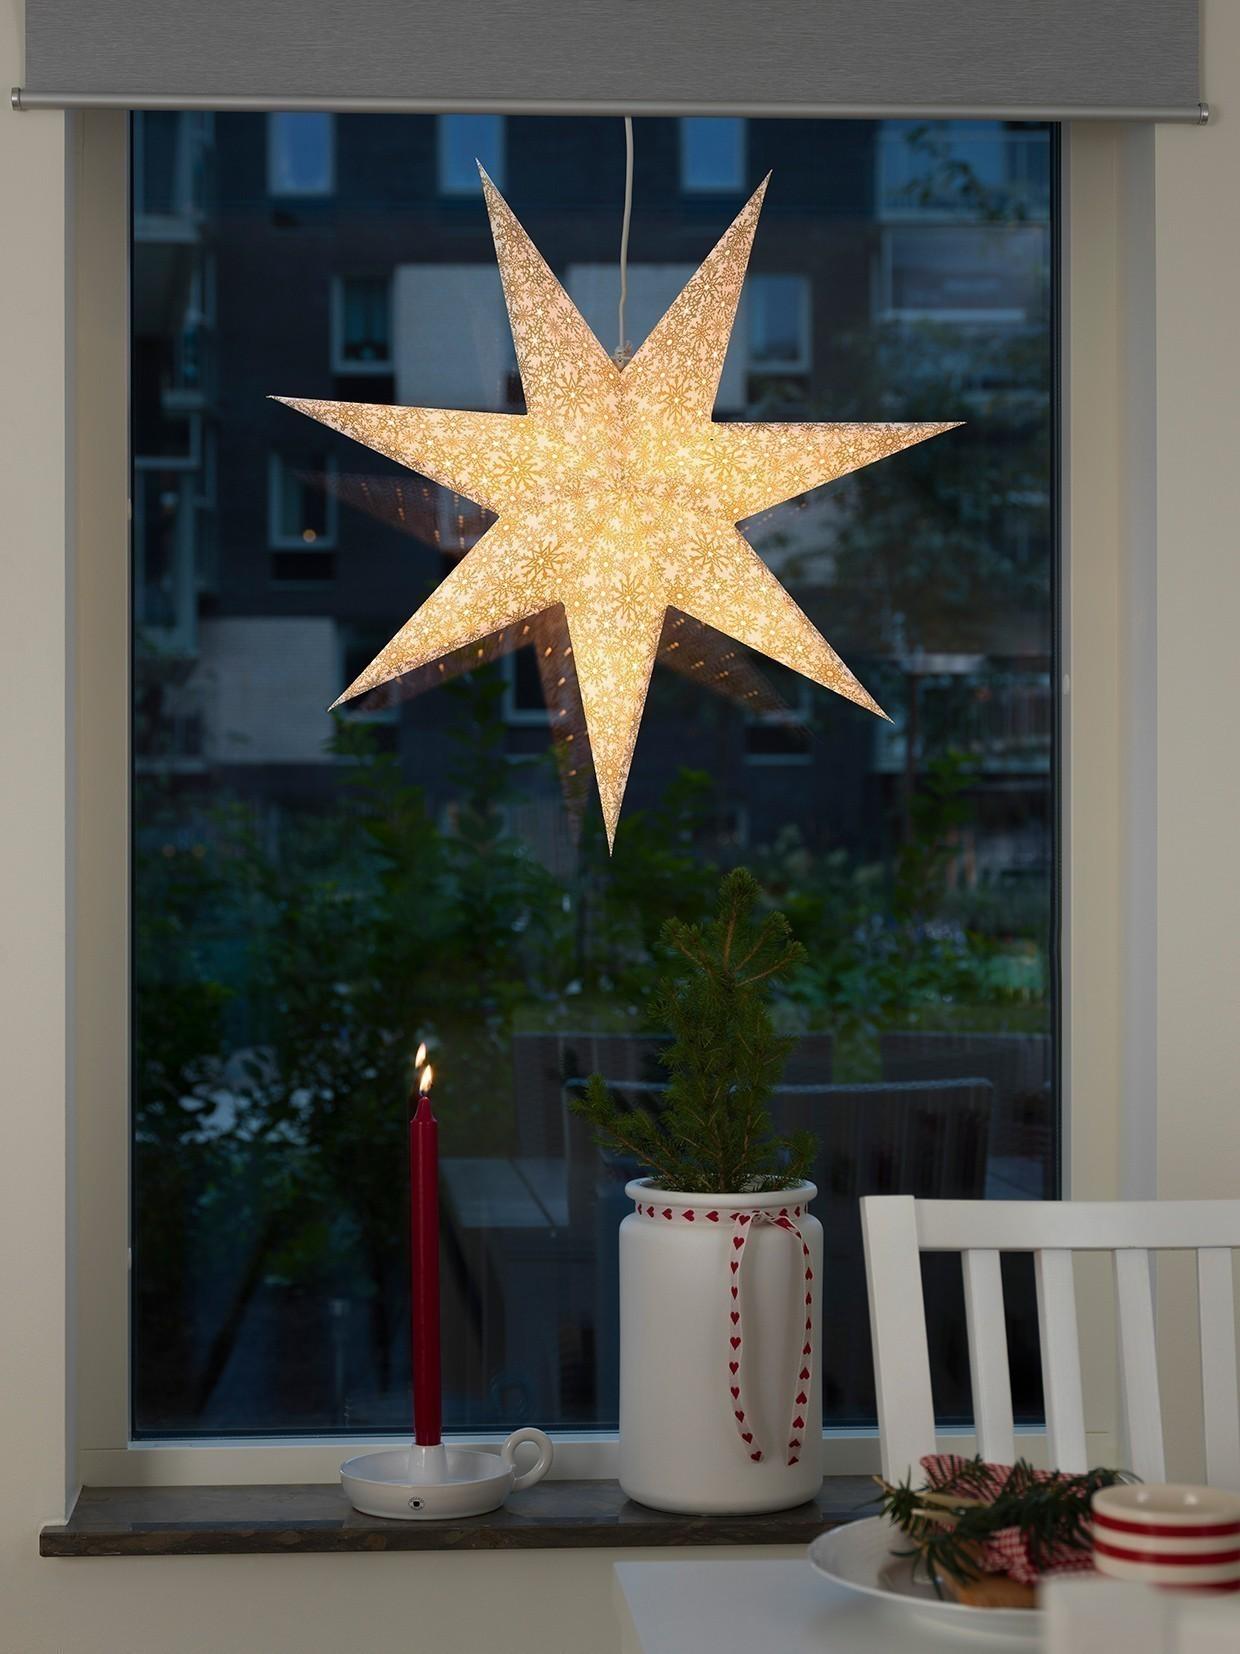 Weihnachtsbeleuchtung Konstsmide Papierstern weiß-gold 60 cm innen Bild 2